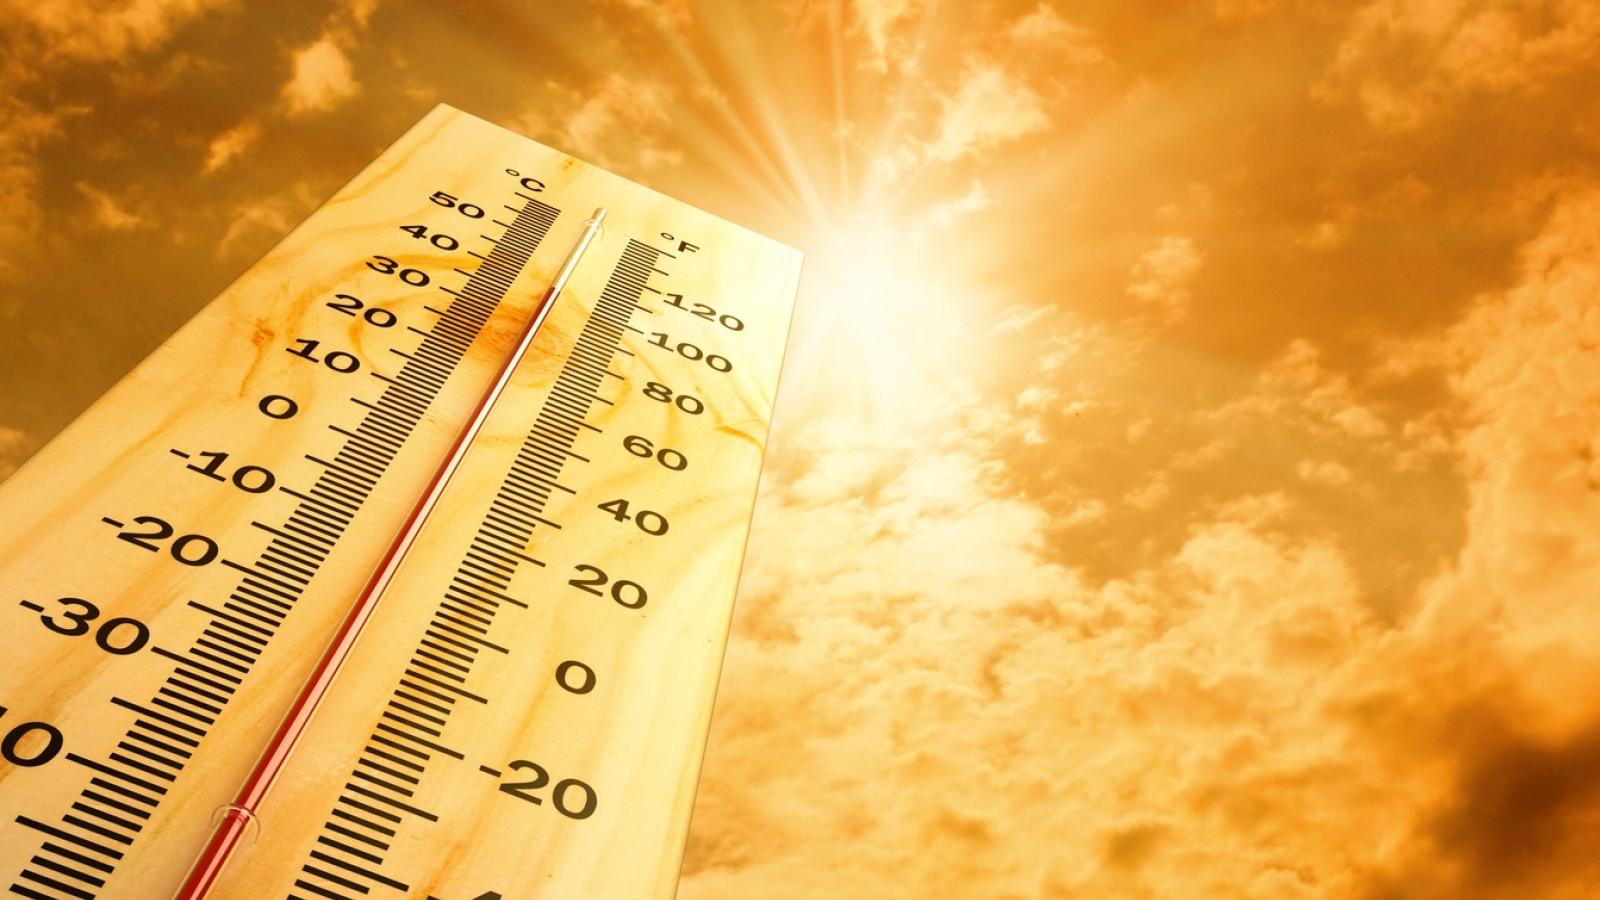 Thời tiết ngày 29/3: Hà Nội vào đợt nắng nóng, nhiệt độ cao nhất 35-36 độ